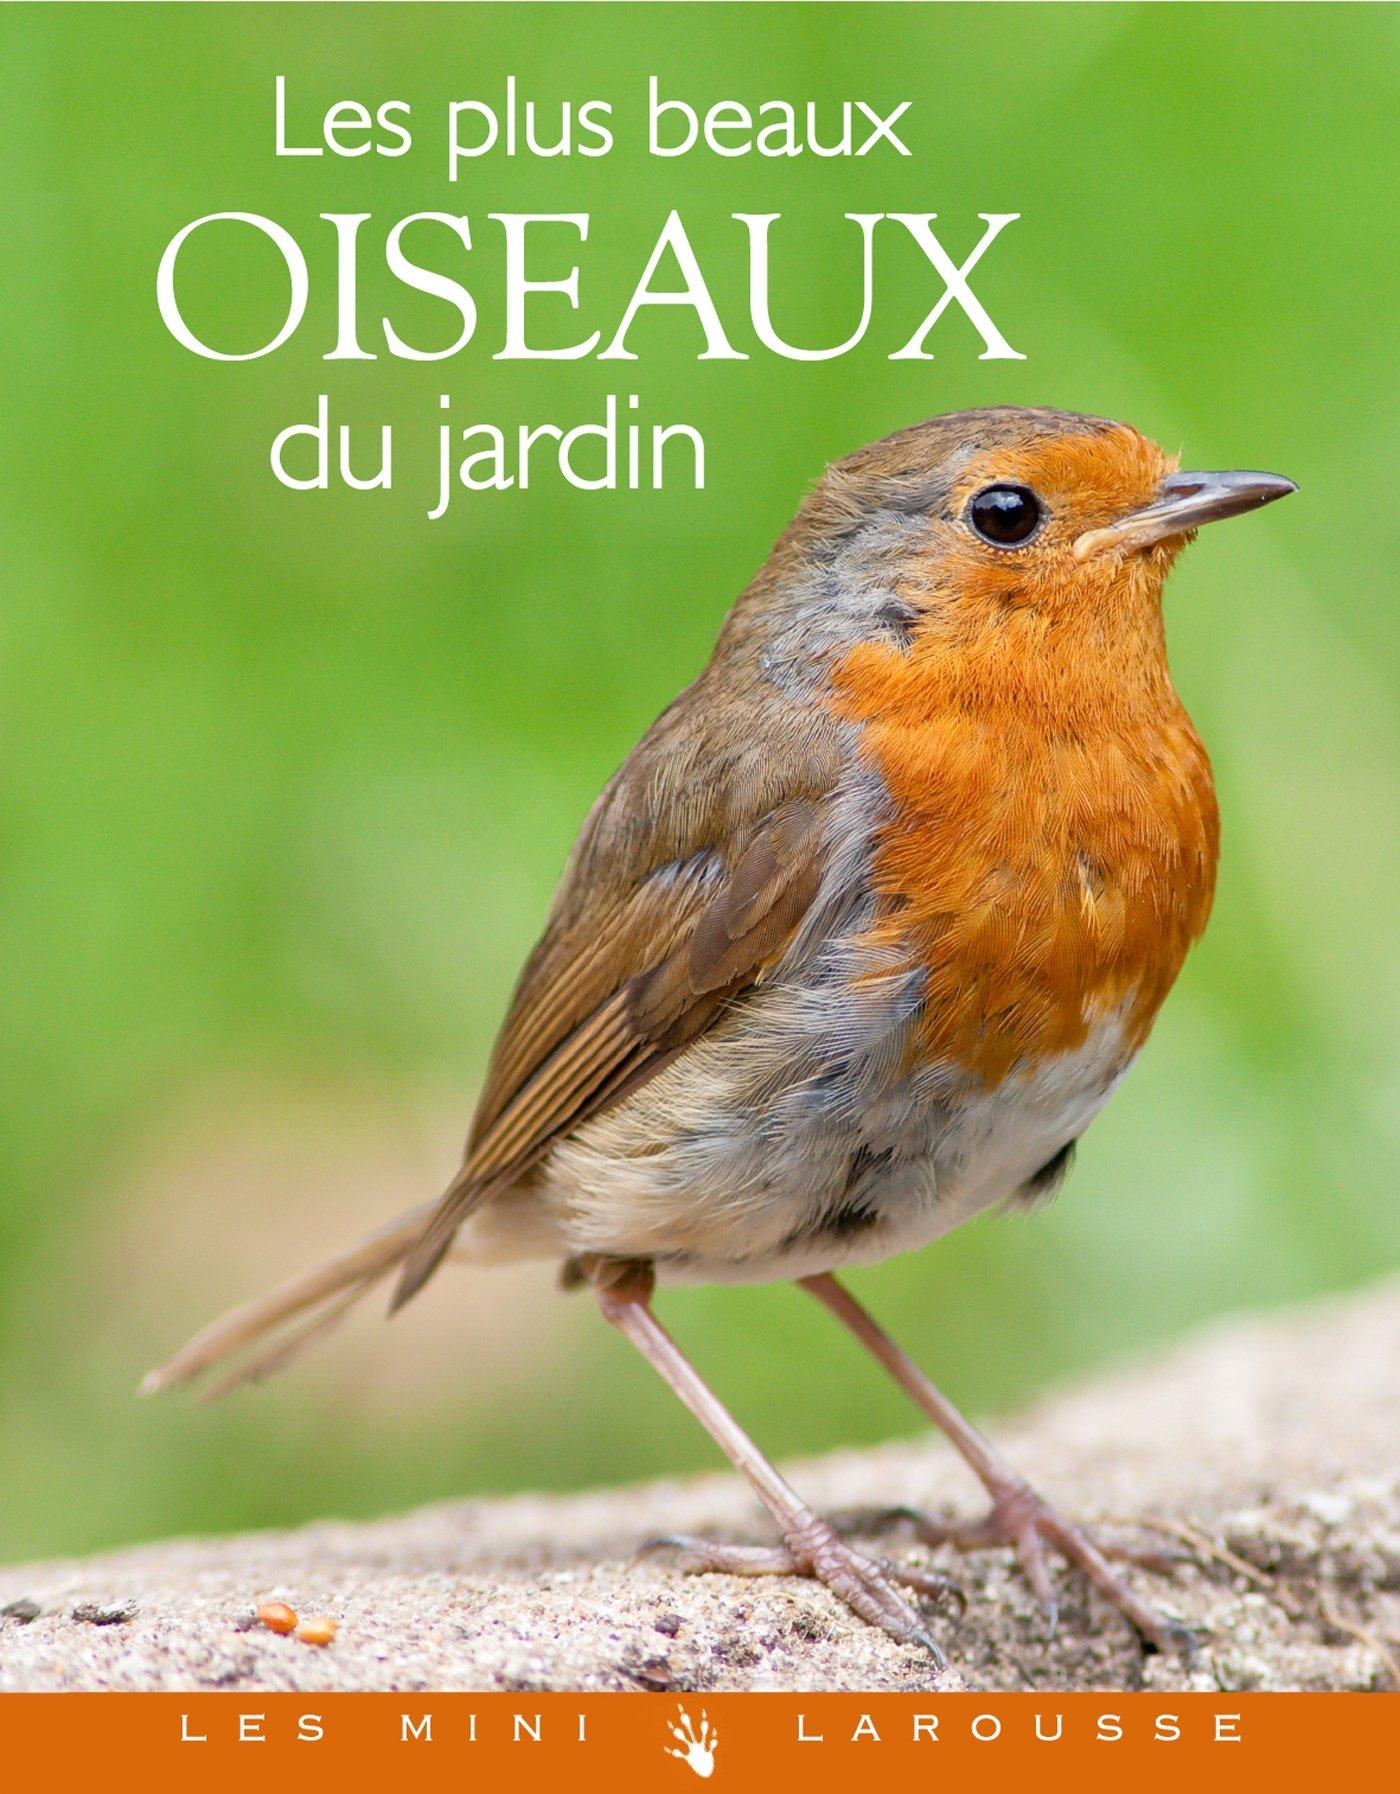 reconnatre les oiseaux des jardins reconnatre les oiseaux du jardin des repres pour identifier. Black Bedroom Furniture Sets. Home Design Ideas